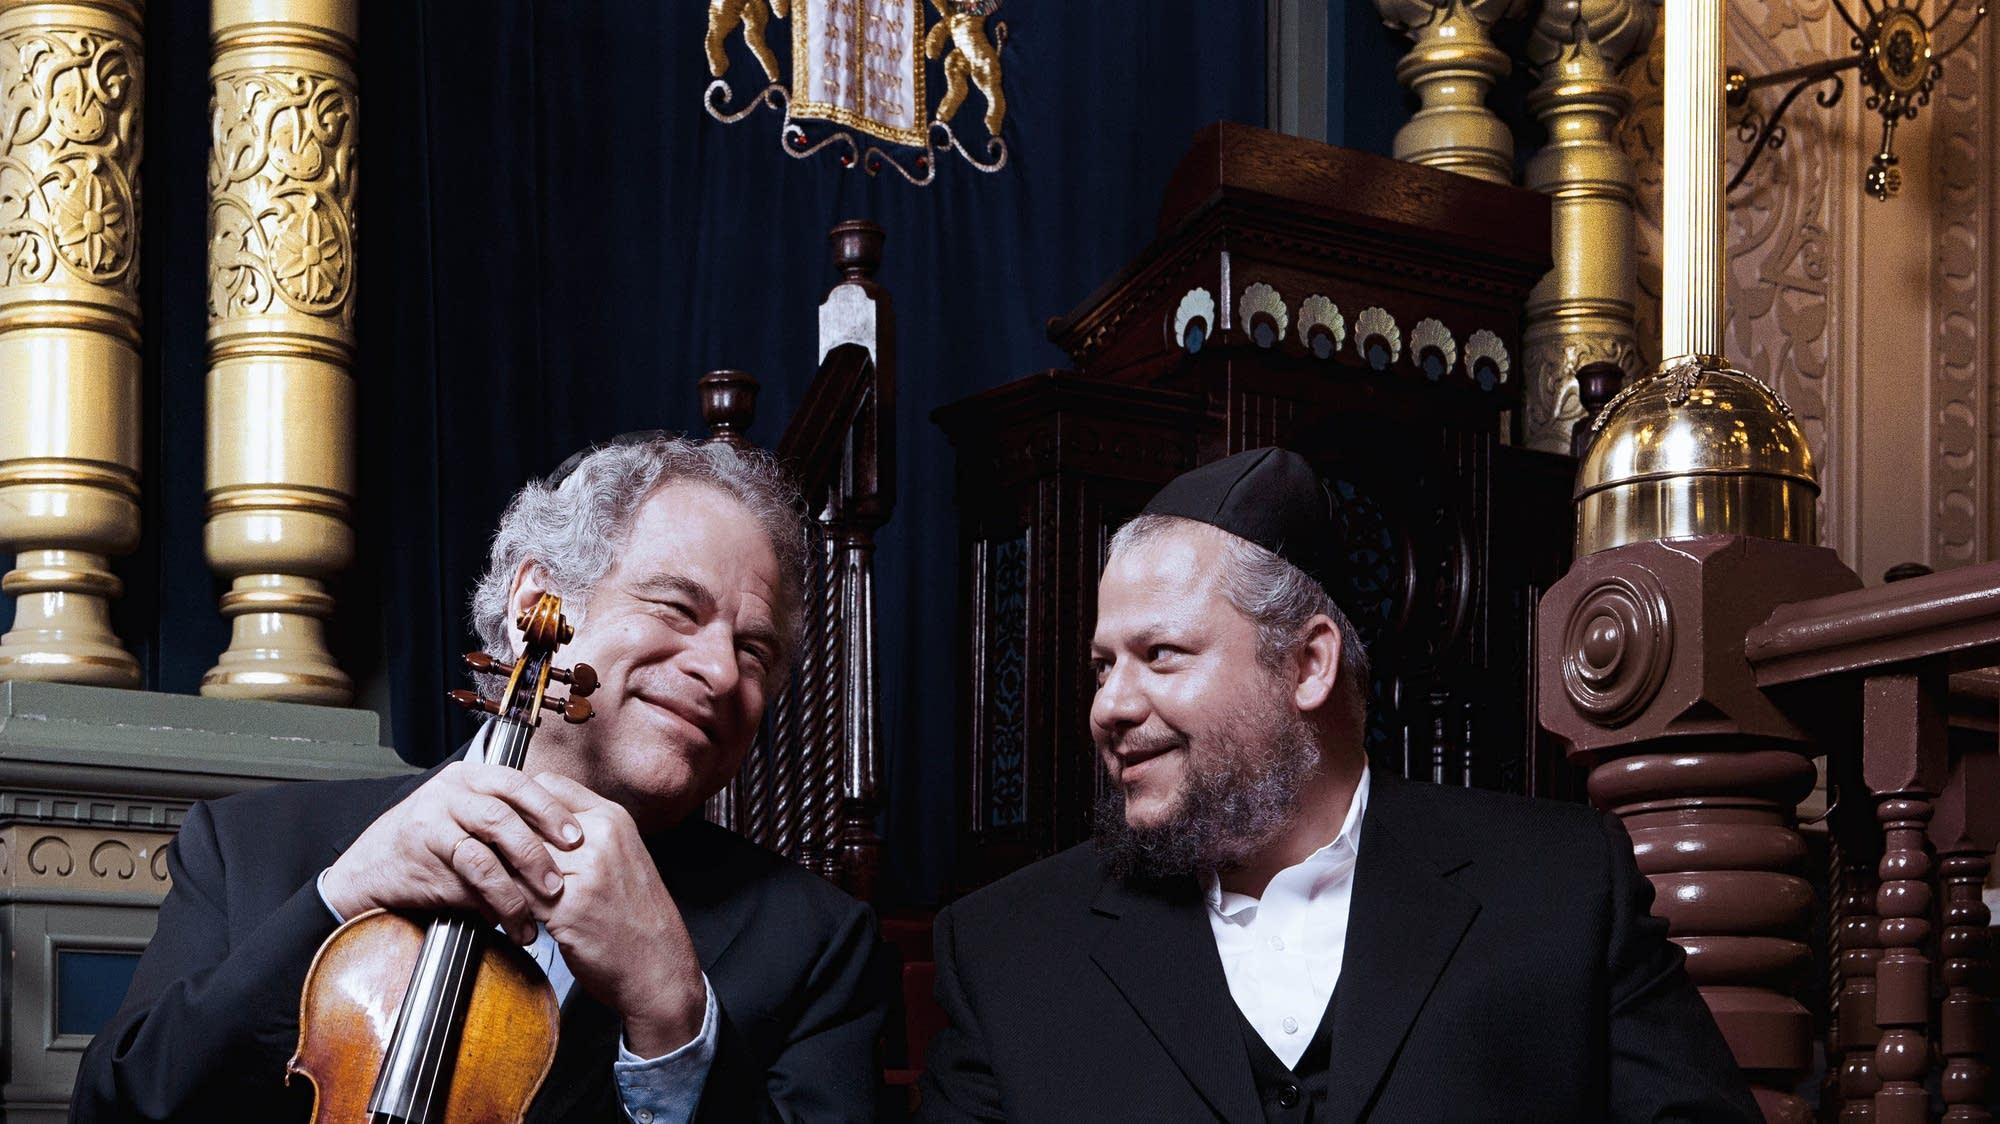 Itzhak Perlman, Cantor Yitzchak Meir Helfgot